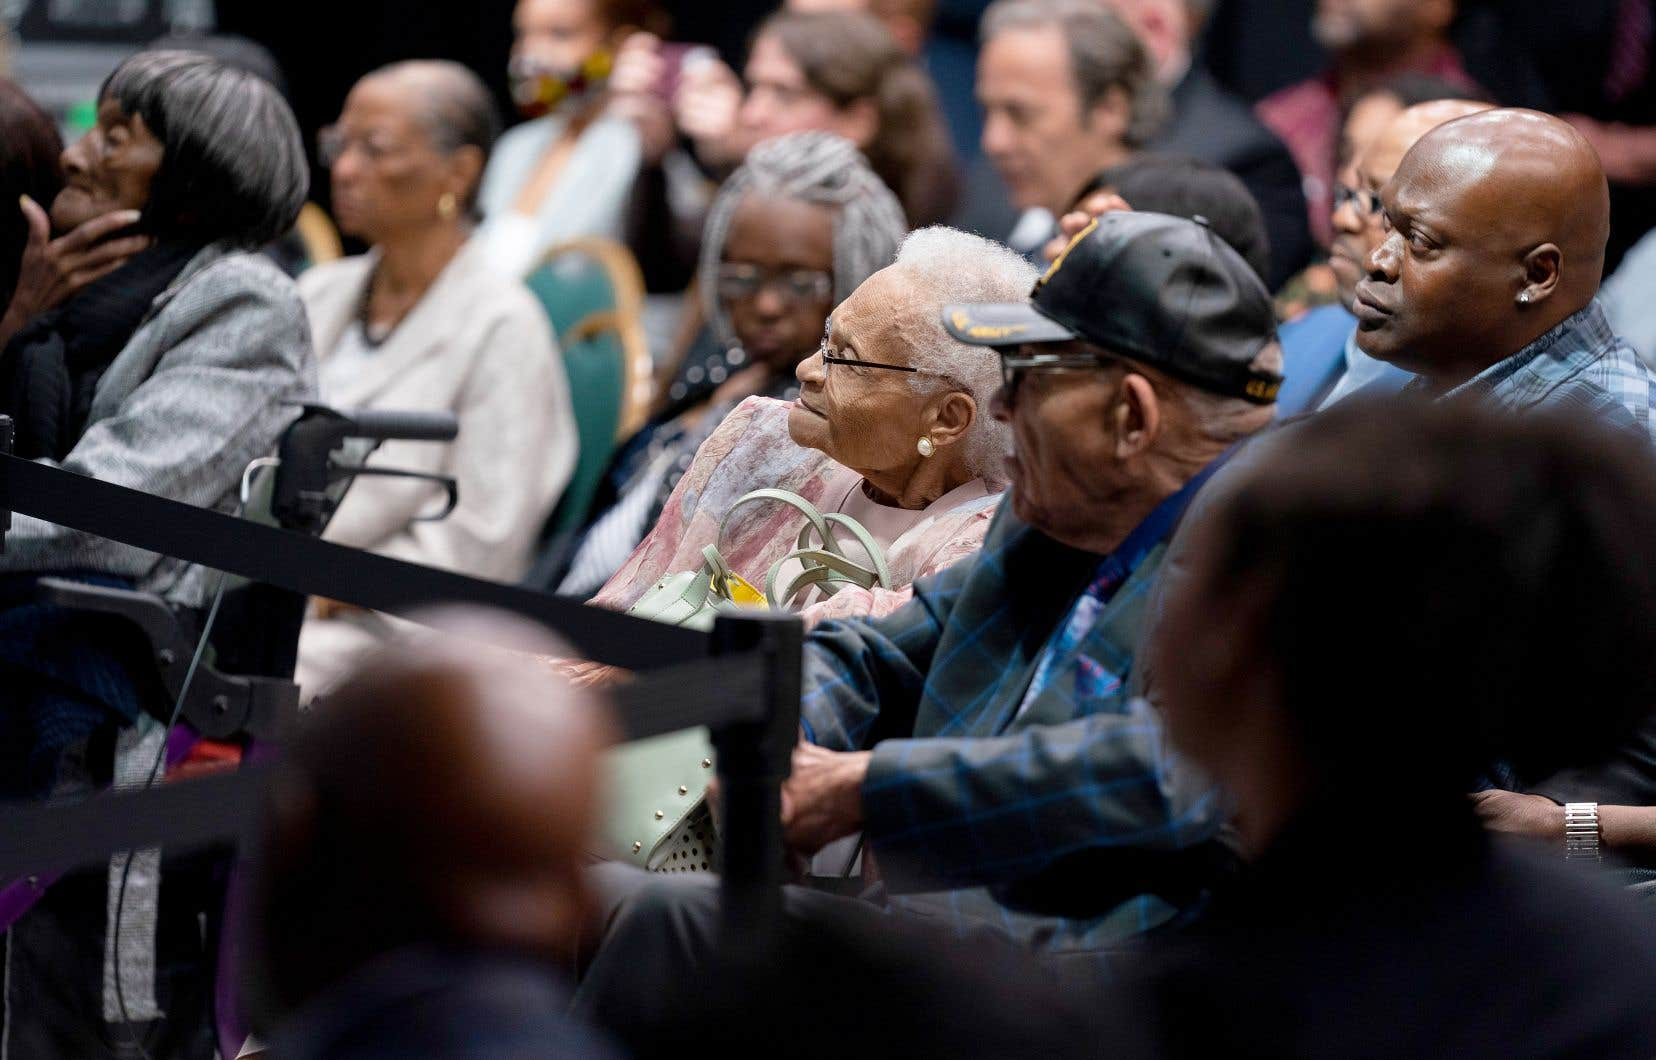 Hughes Van Ellis (portant une casquette) et Viola Fletcher (au centre), deux des survivants du massacre de Tusla, ont assisté à l'allocution du président Biden, mardi.